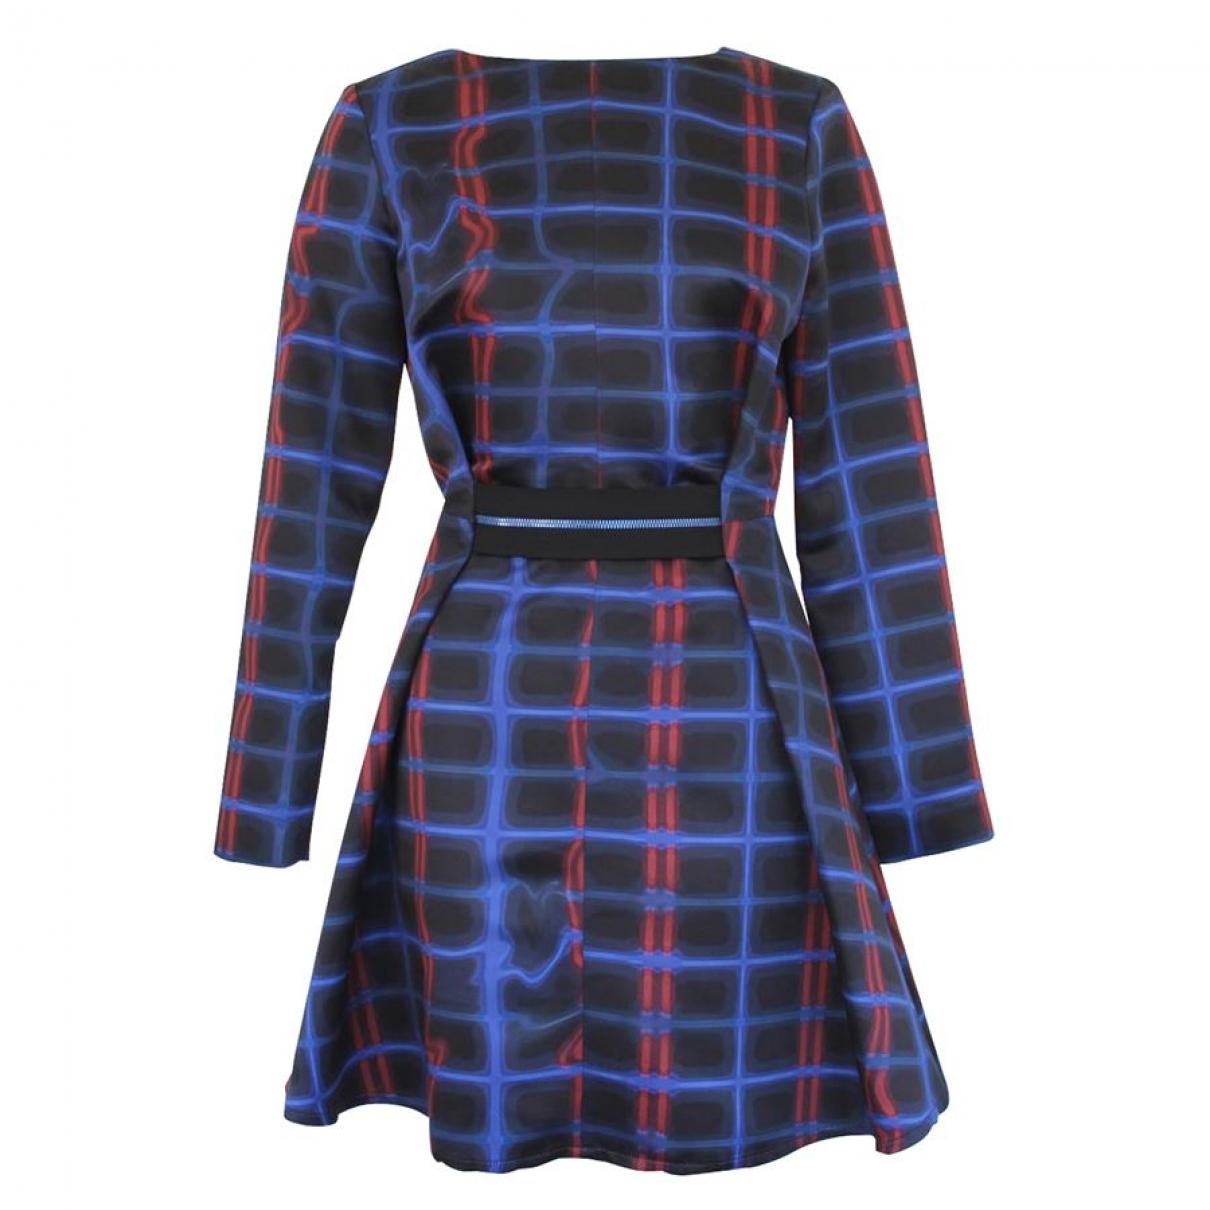 Kenzo \N Multicolour dress for Women 36 IT